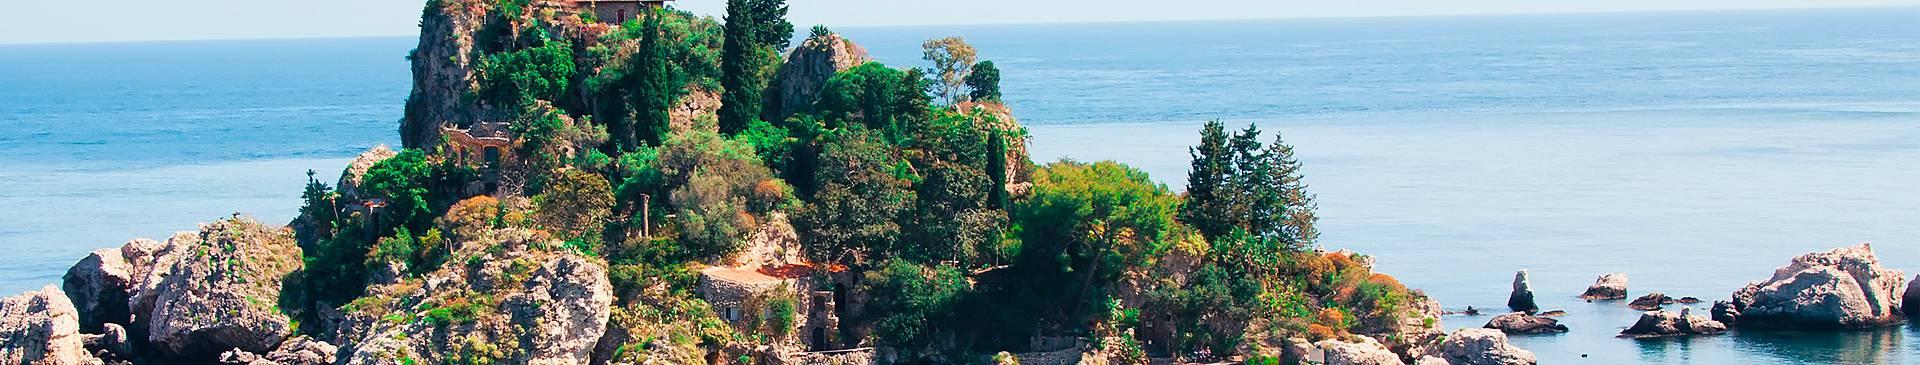 Découverte des îles de Sicile